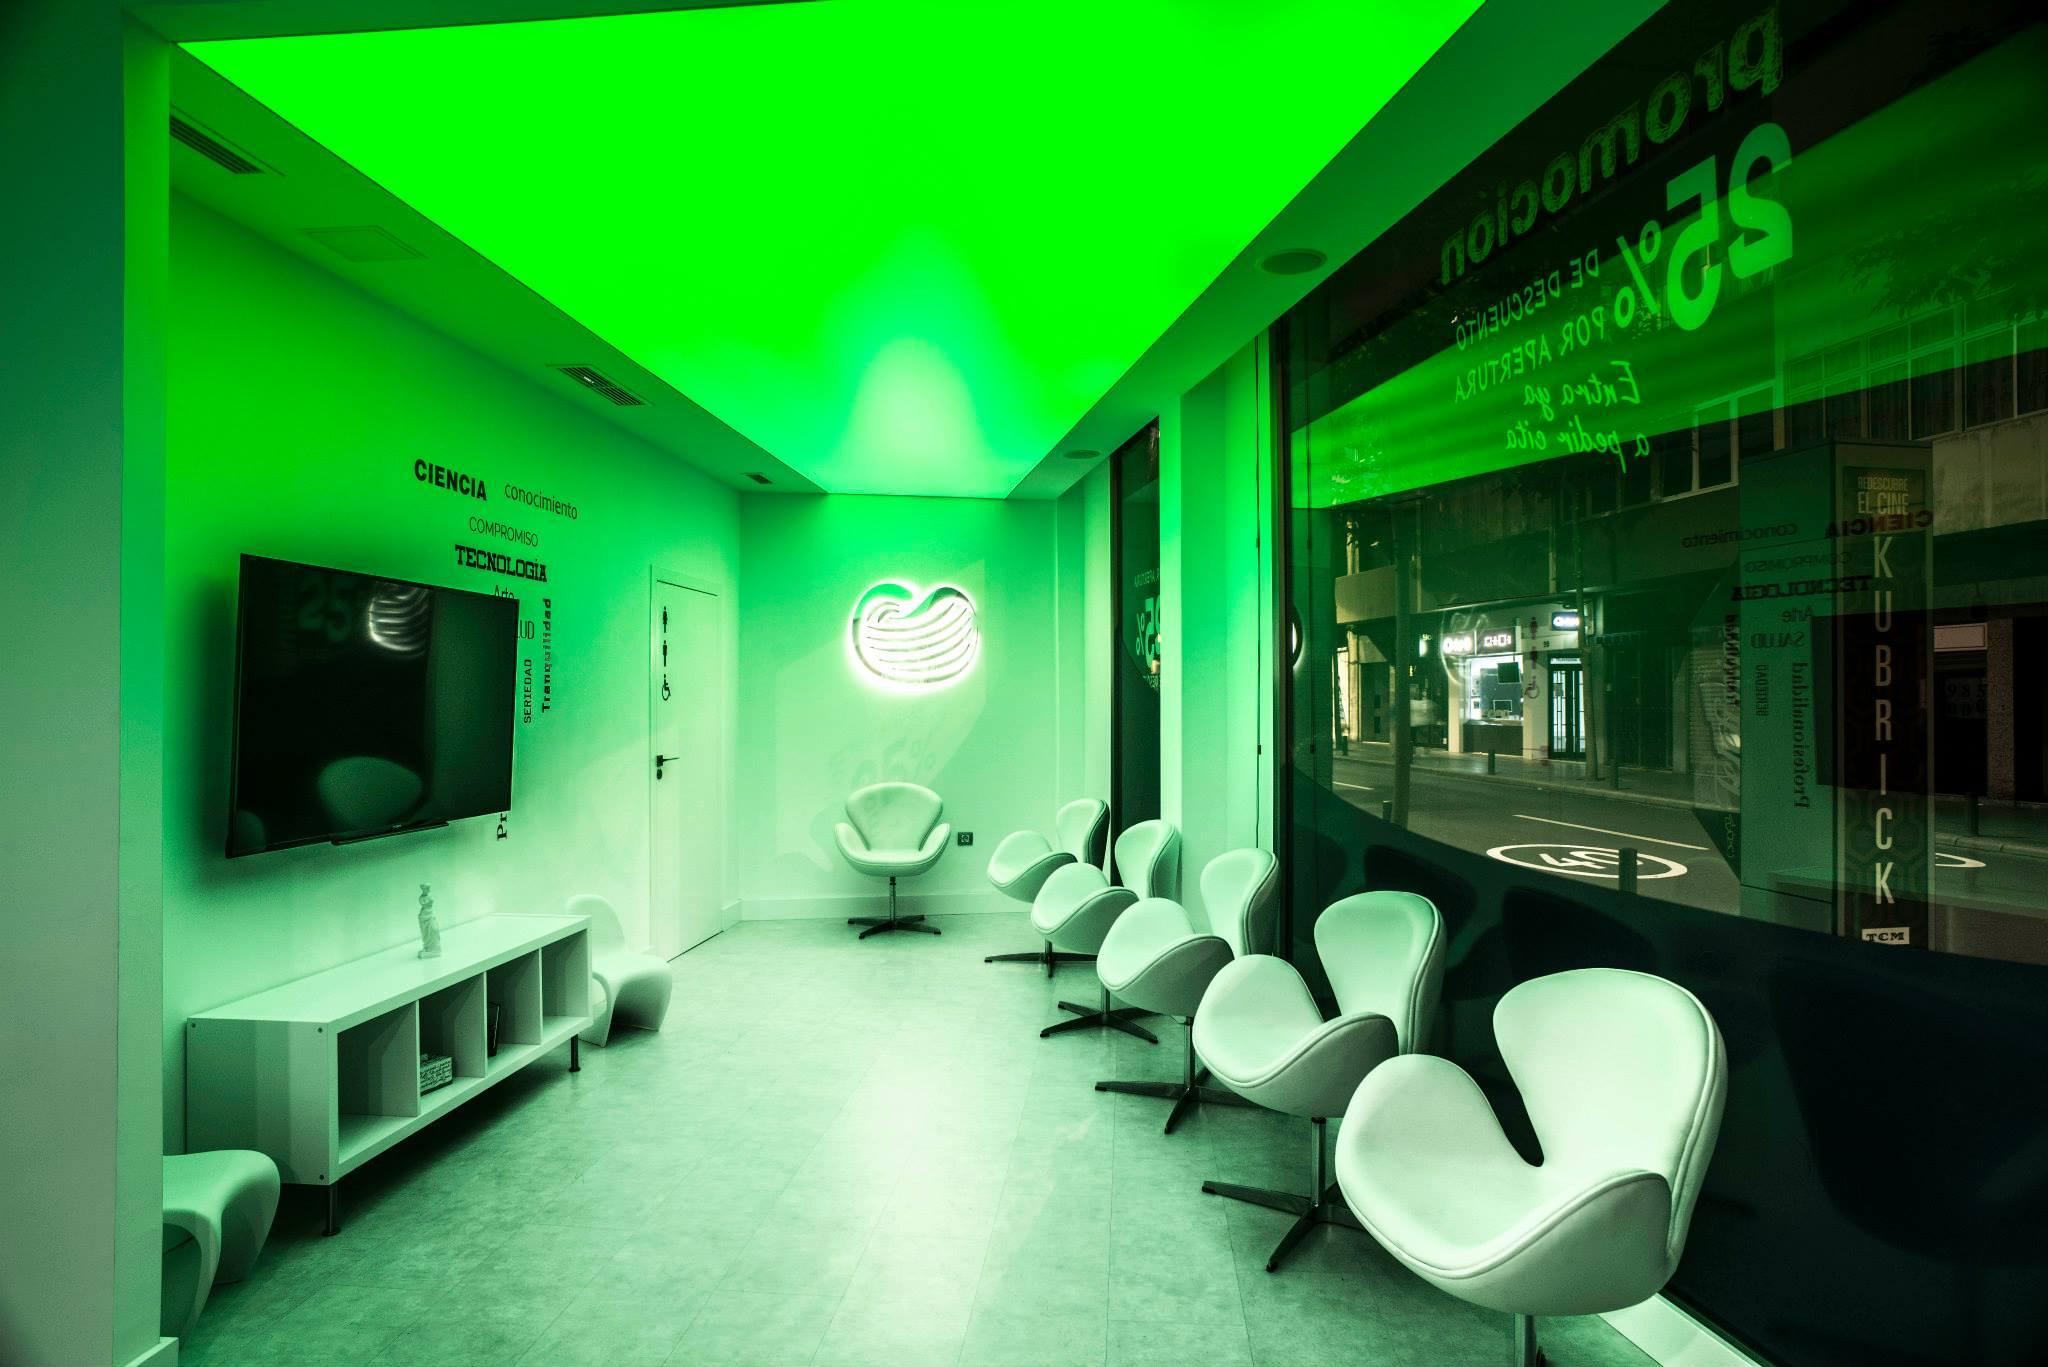 sala-de-espera-verde